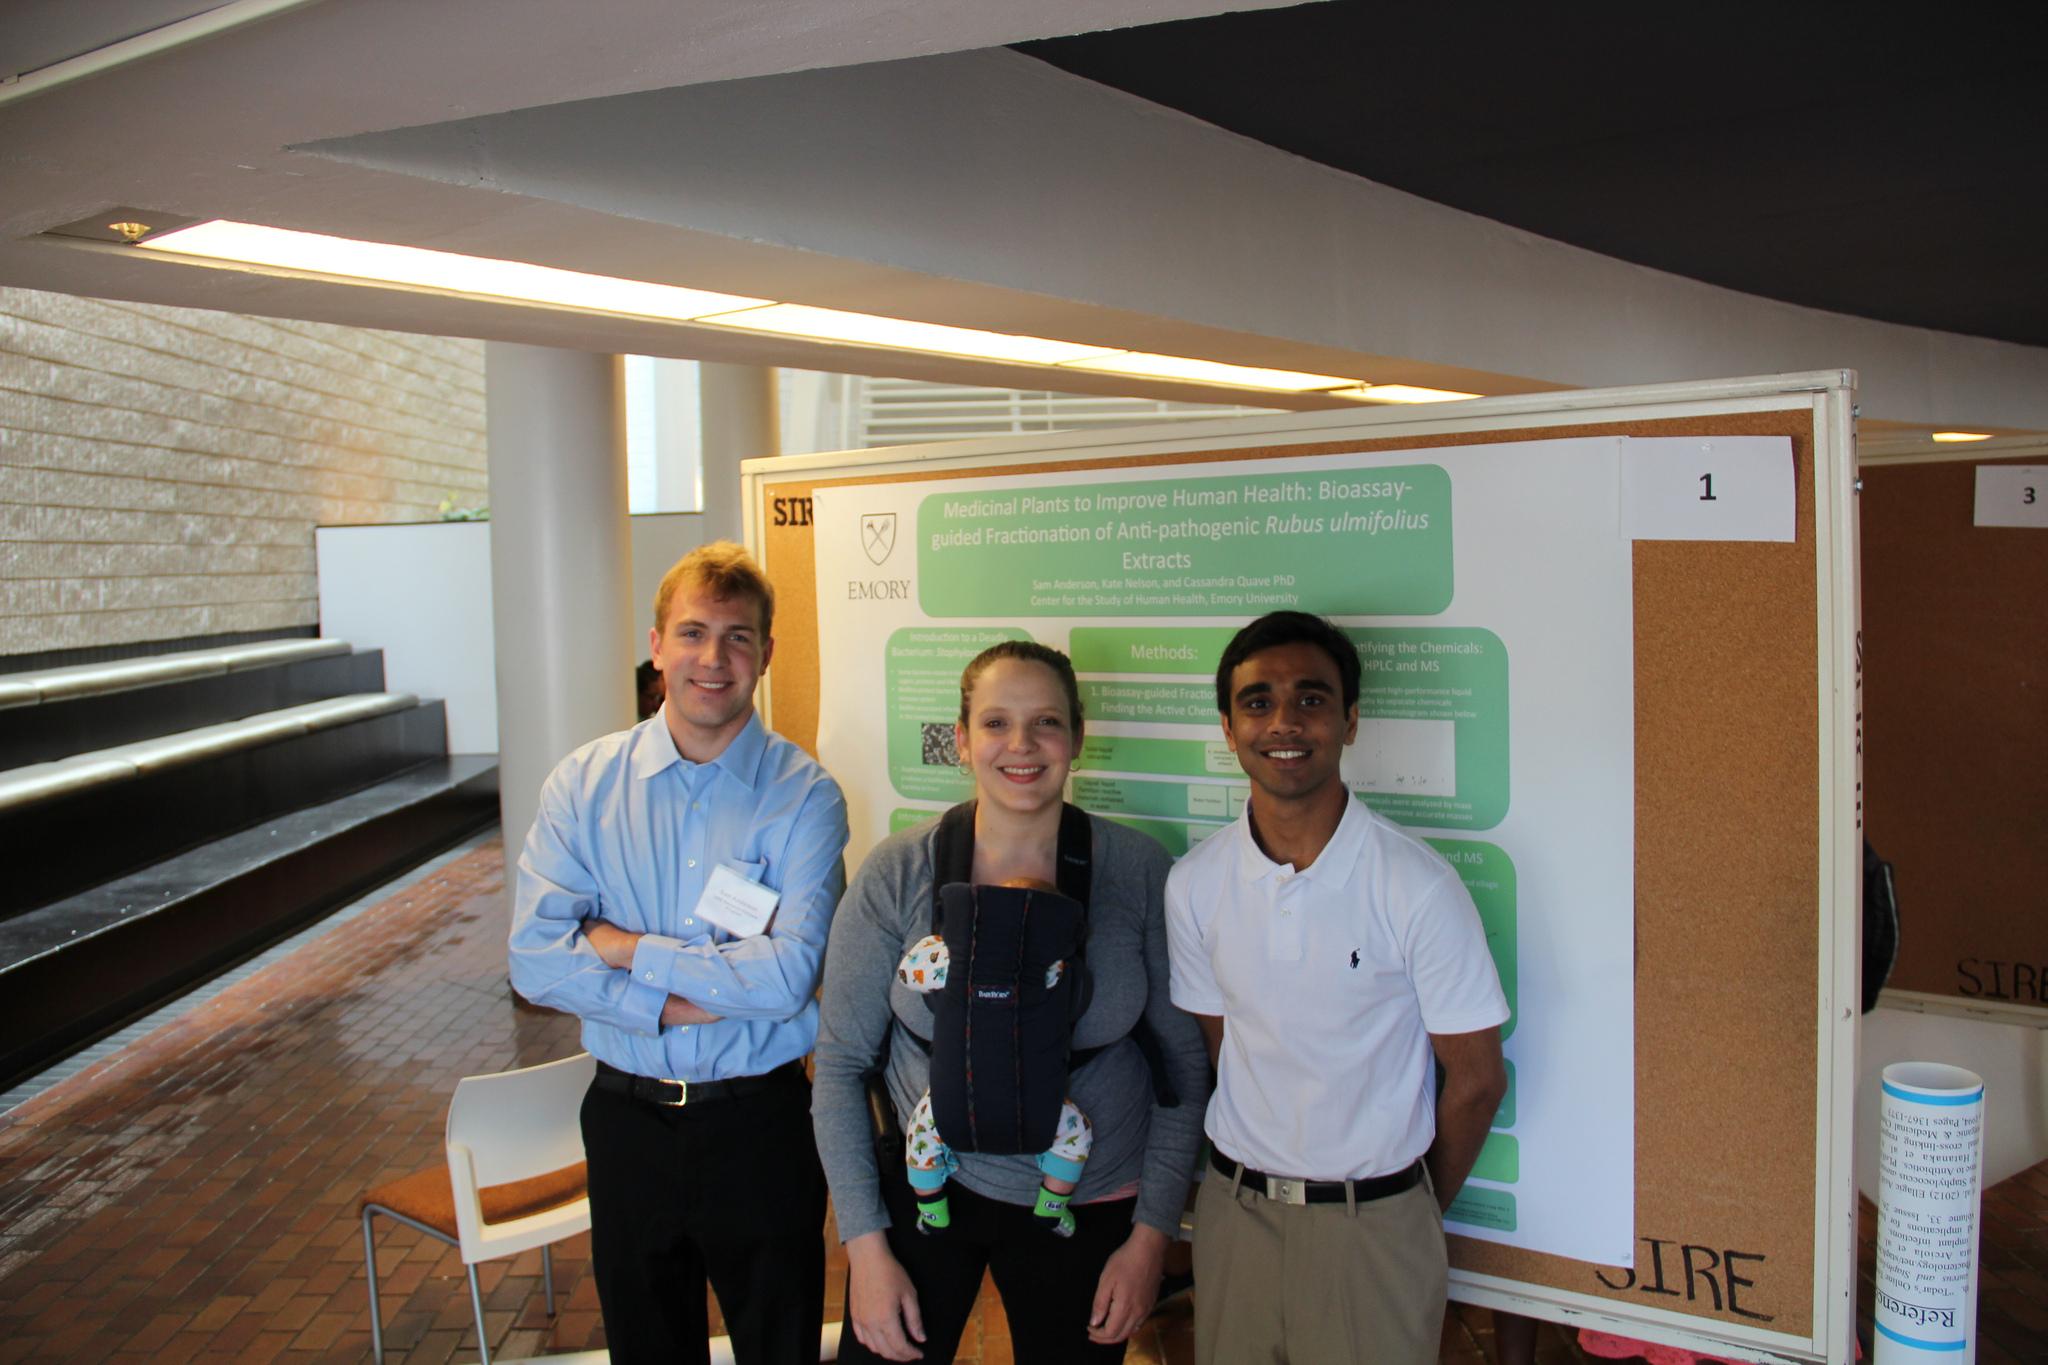 SURE Research Symposium - 2013